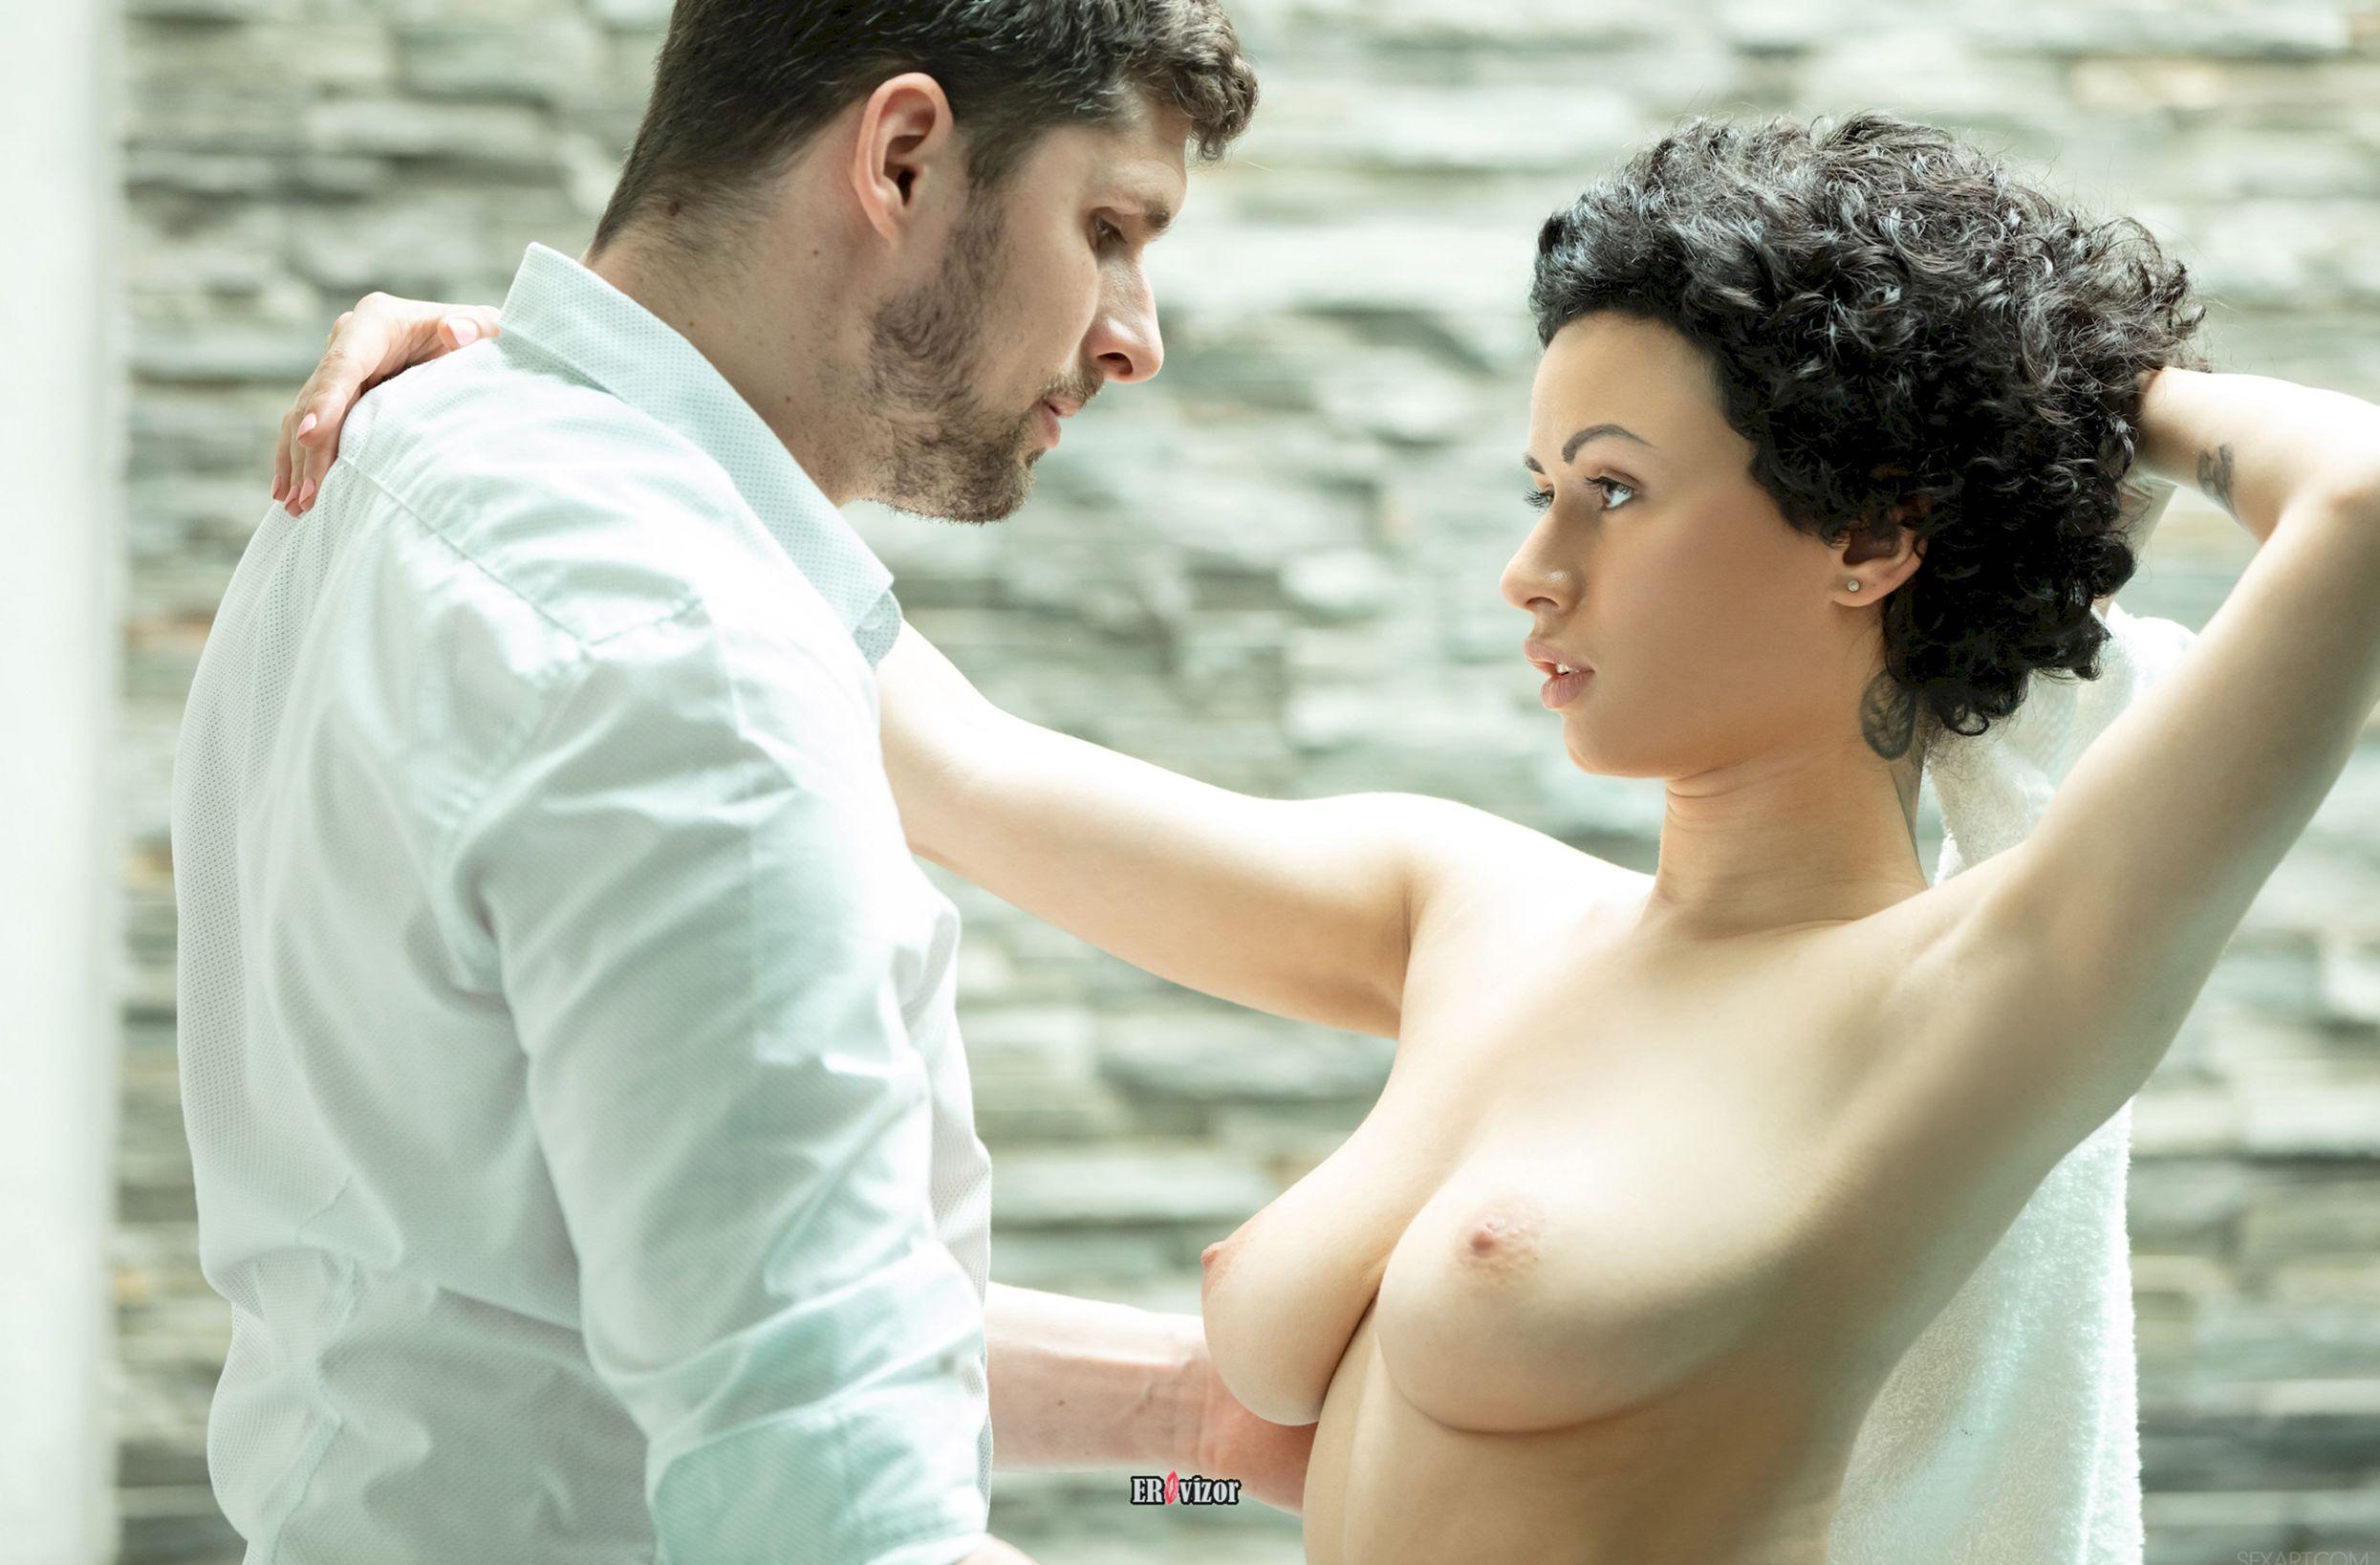 мужчина и девушка с оголенной грудью